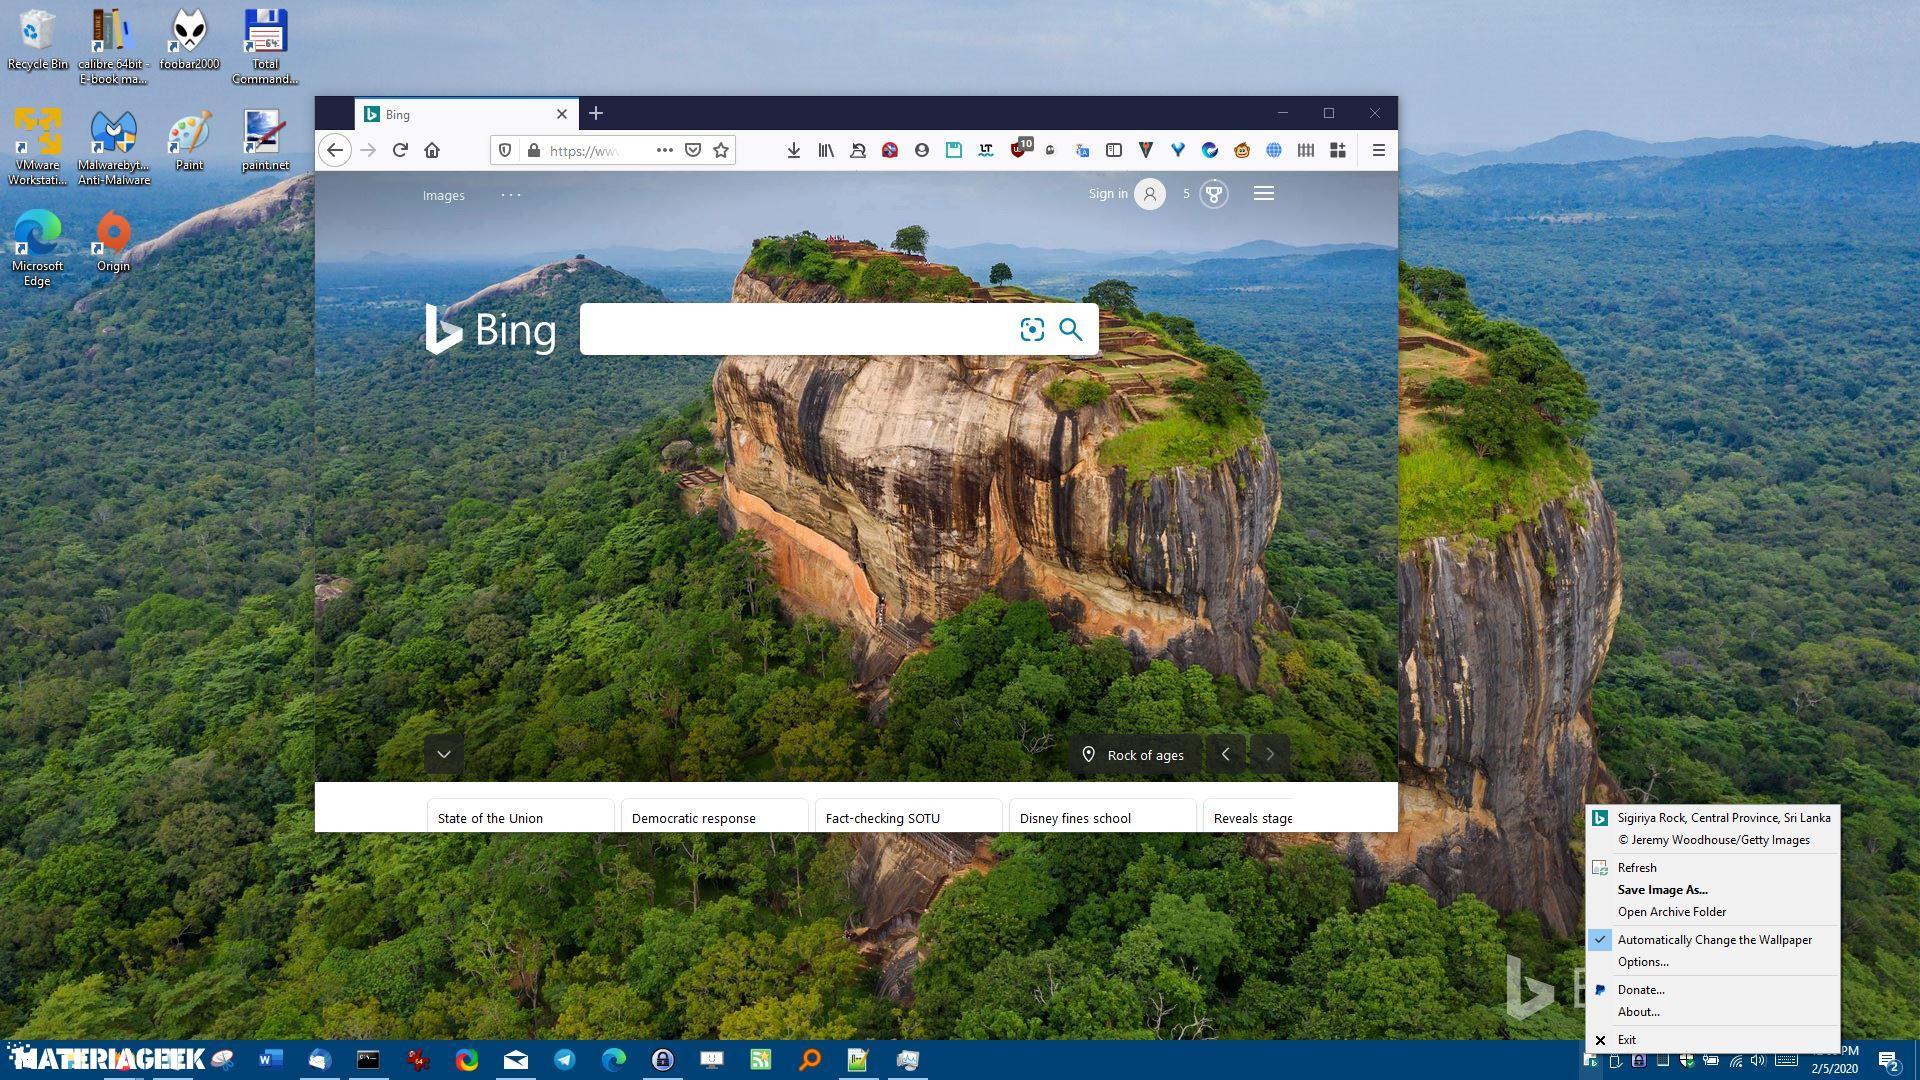 BingSnap es un programa gratuito que puede descargar el fondo de pantalla del Bing diario y ponerlo como fondo de escritorio